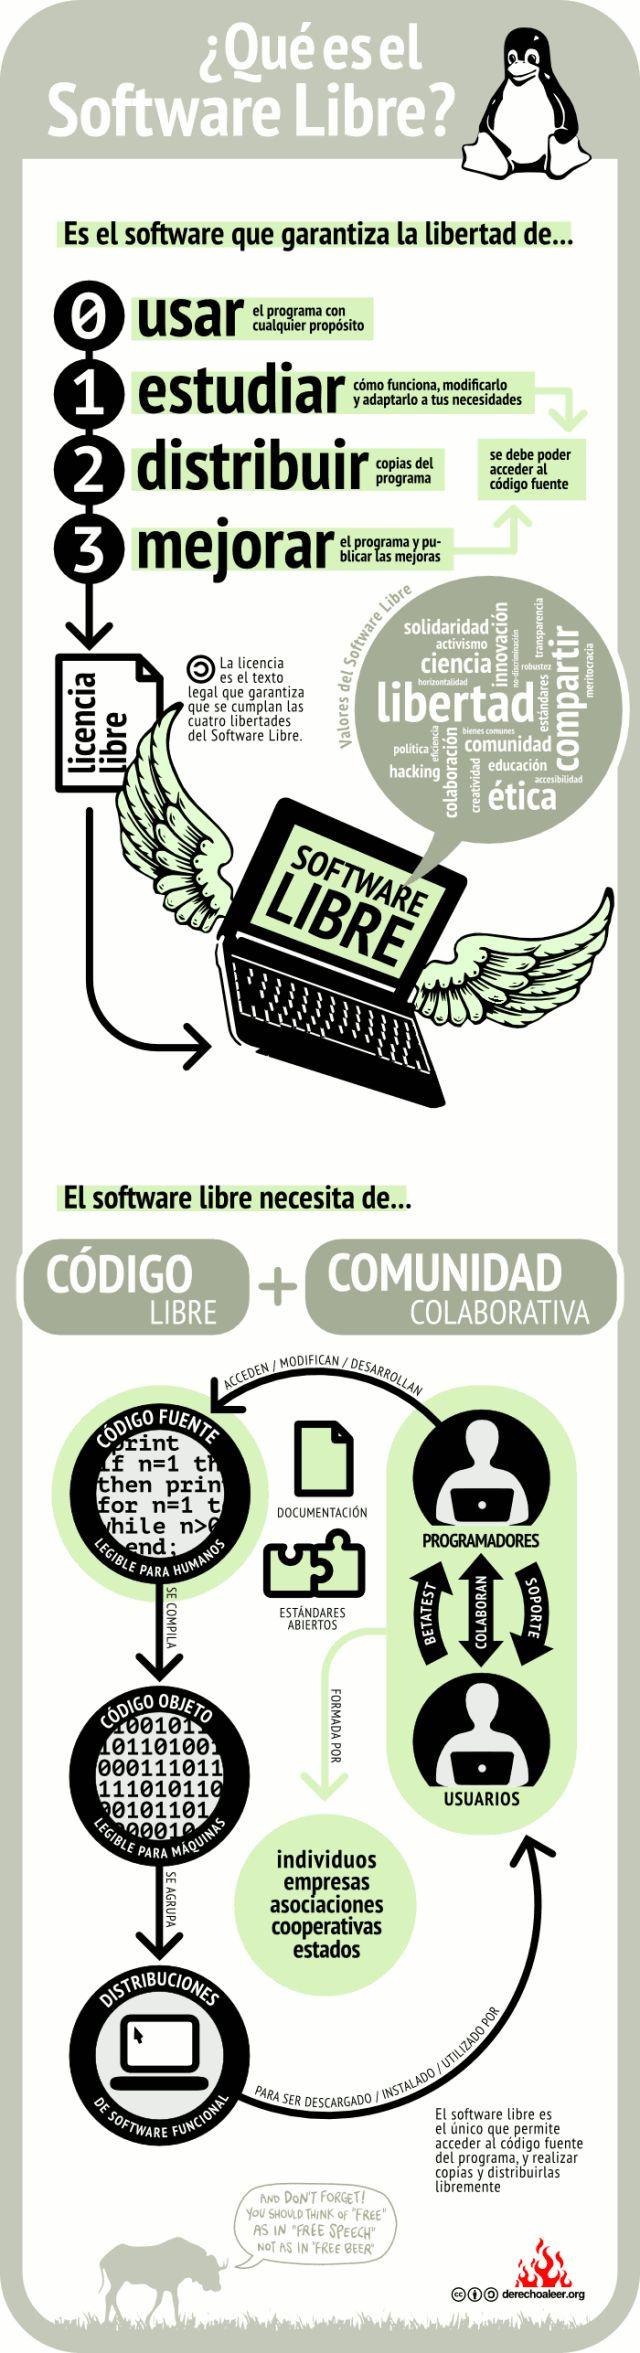 ¿Ques el sofware libre? infografia